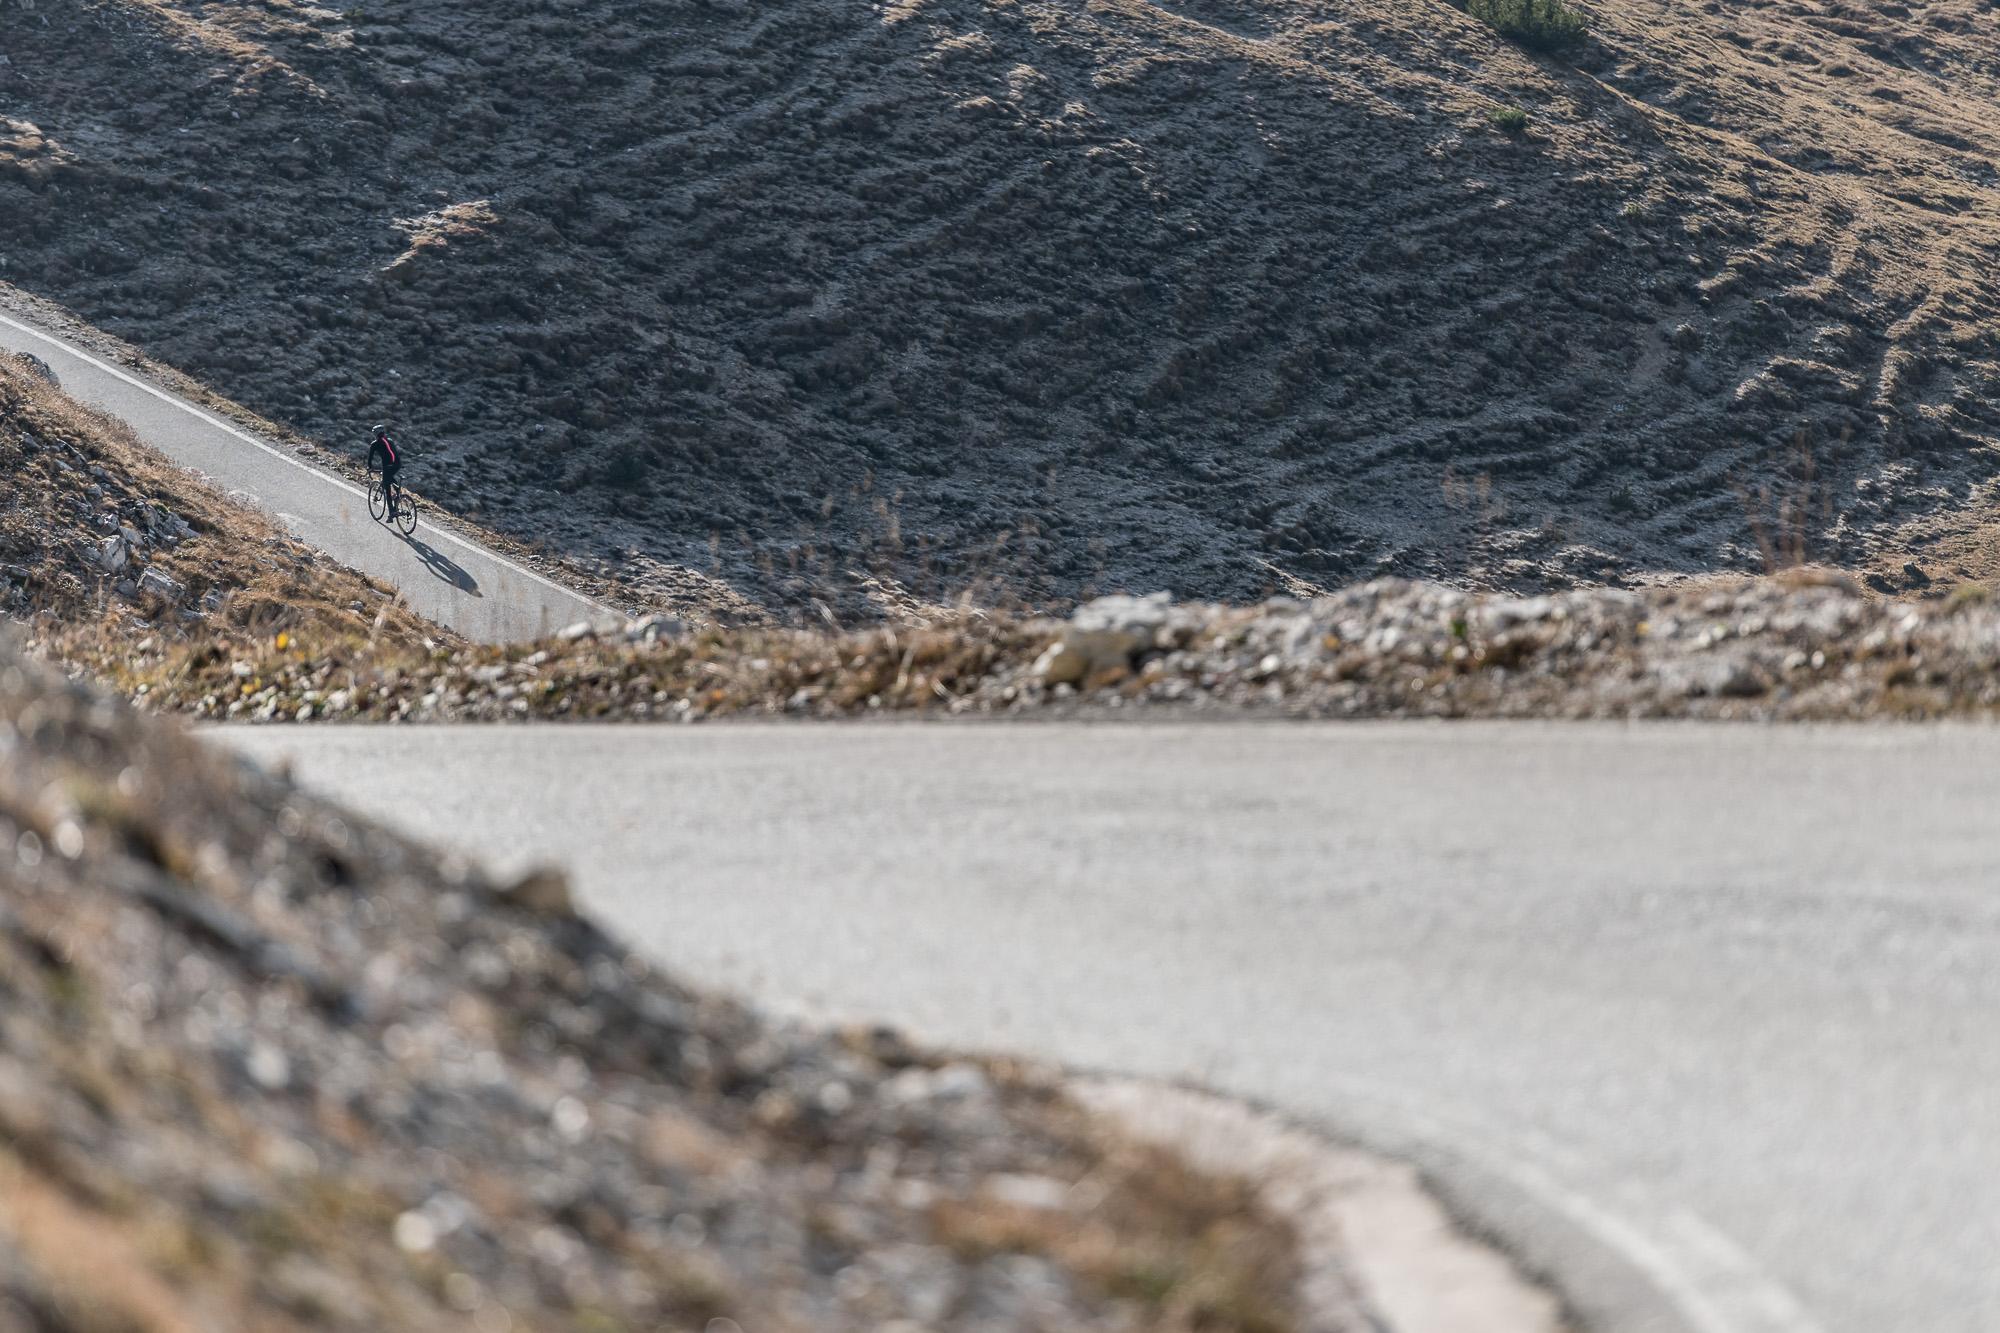 Il susseguirsi di tornanti degli ultimi 4 chilometri. PHOTO  ©GIUSEPPEGHEDINAFOTOGRAFO